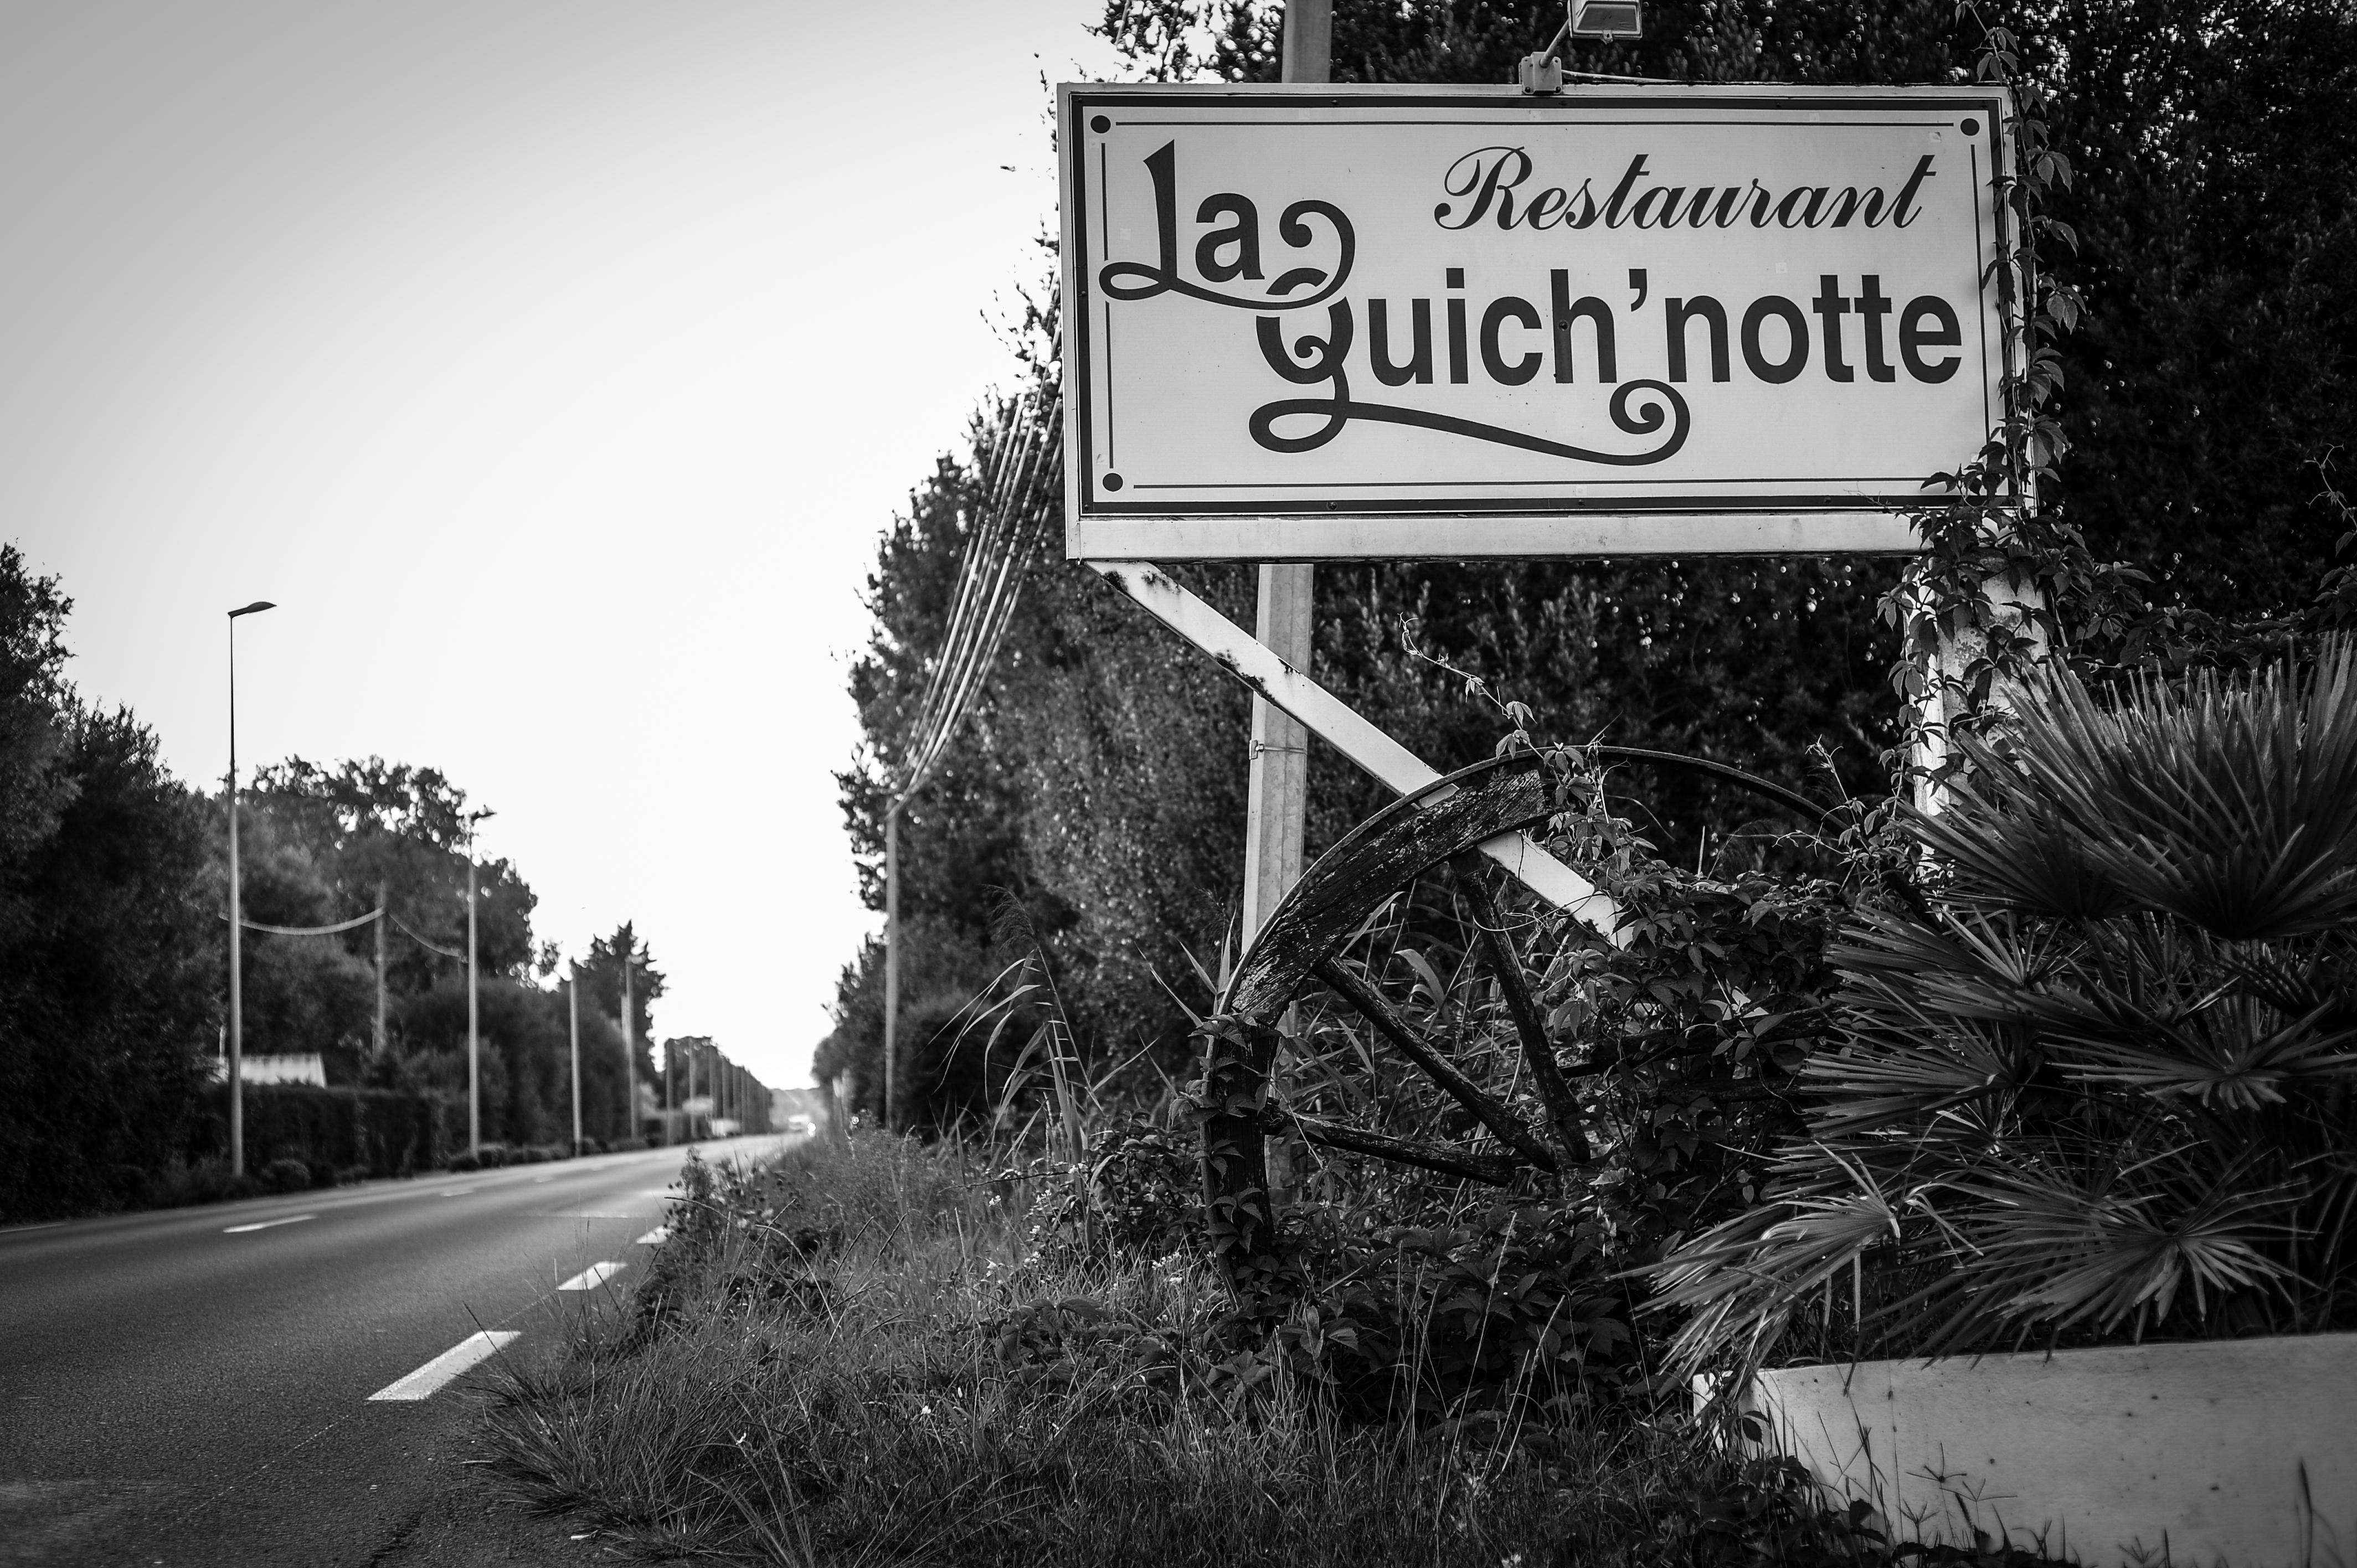 La Quichnotte 100